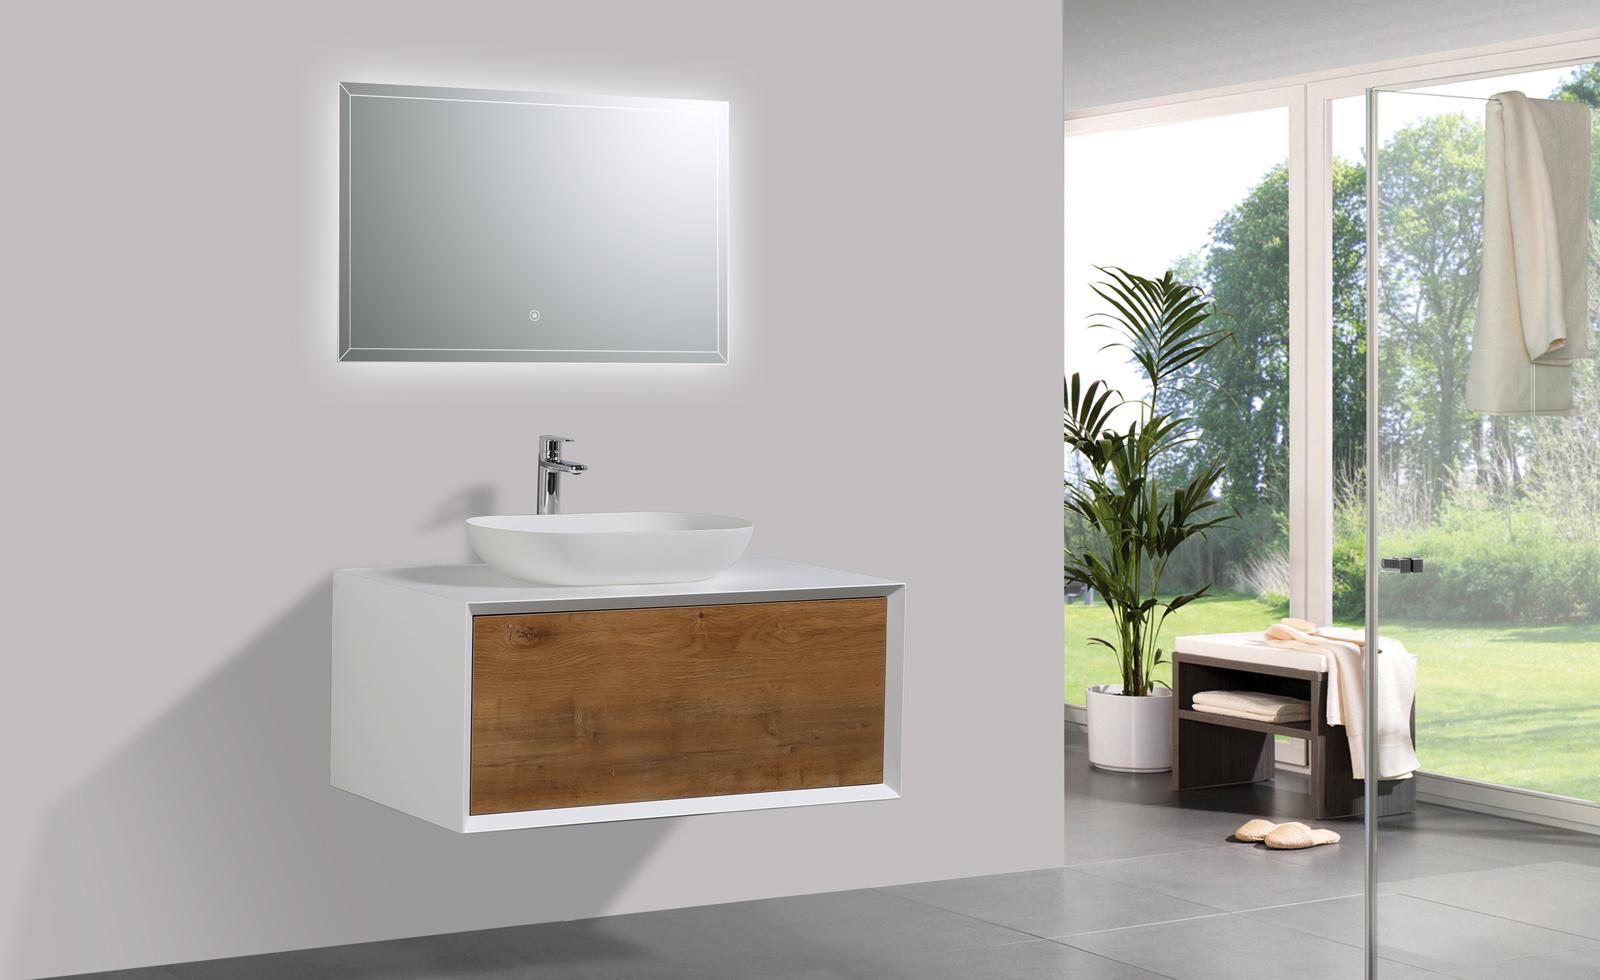 Mobili da bagno 90 cm rovere led specchio bacino sottopensile lavabo